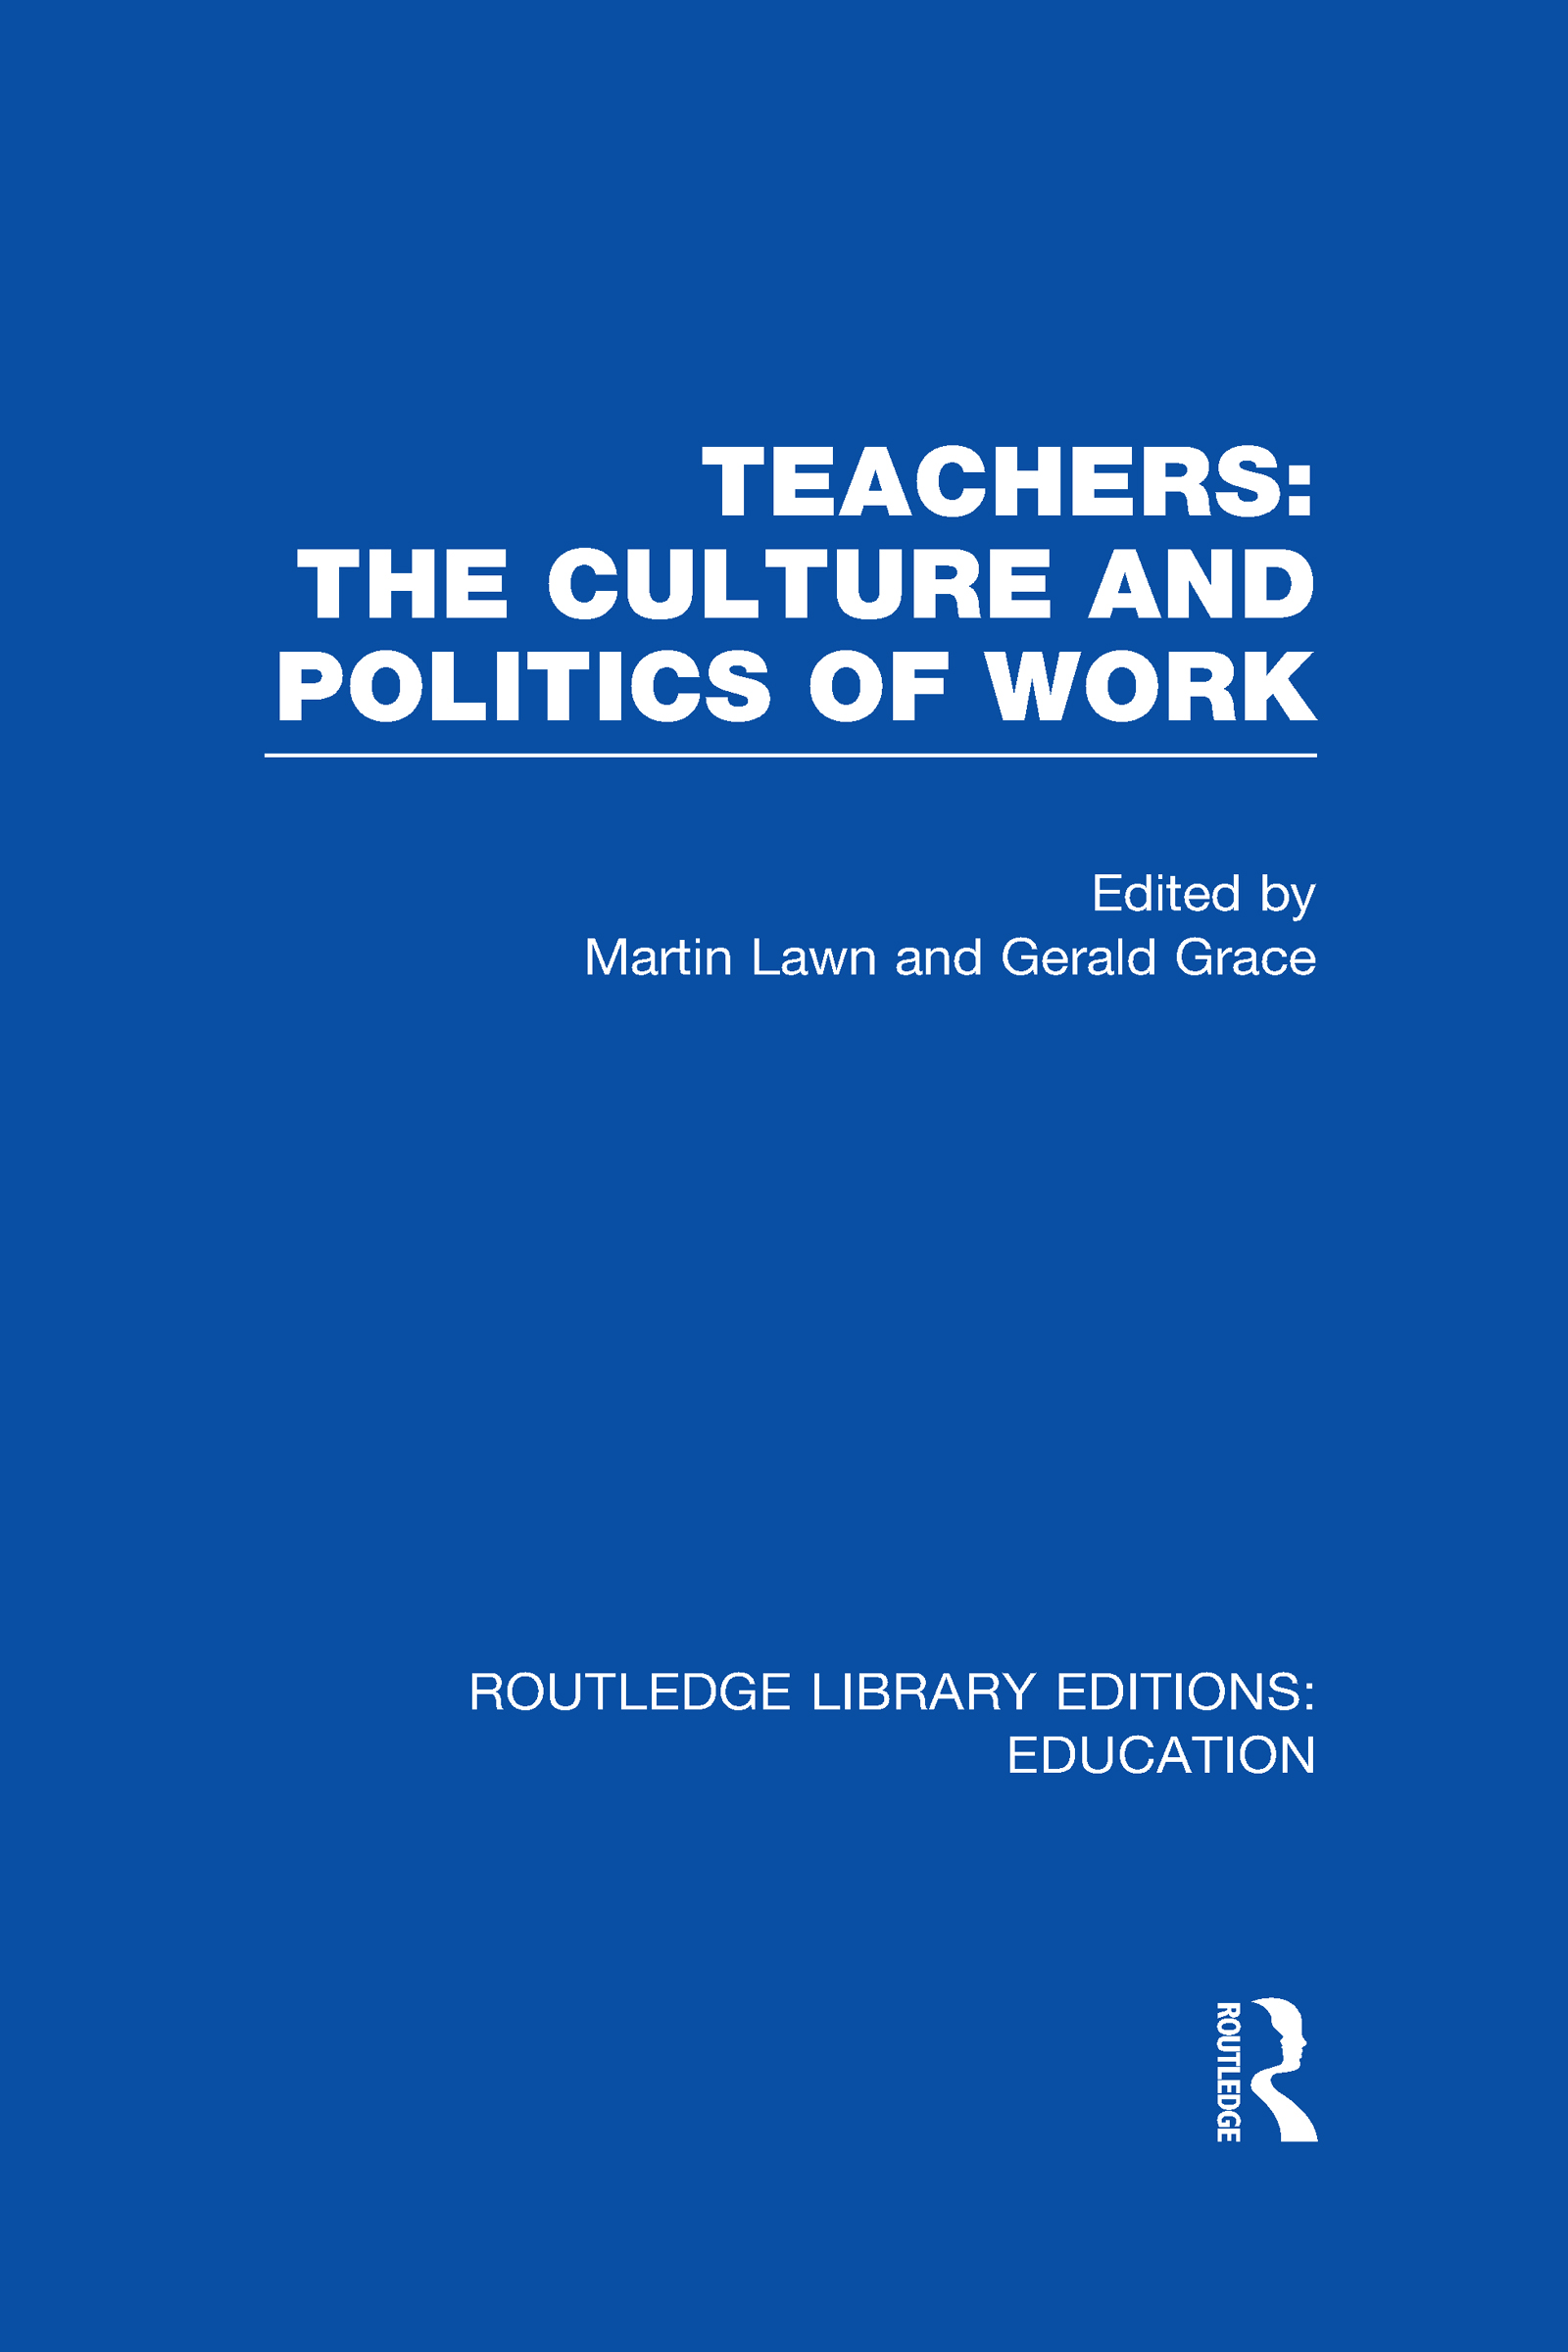 Teachers: The Culture and Politics of Work (RLE Edu N) (Hardback) book cover